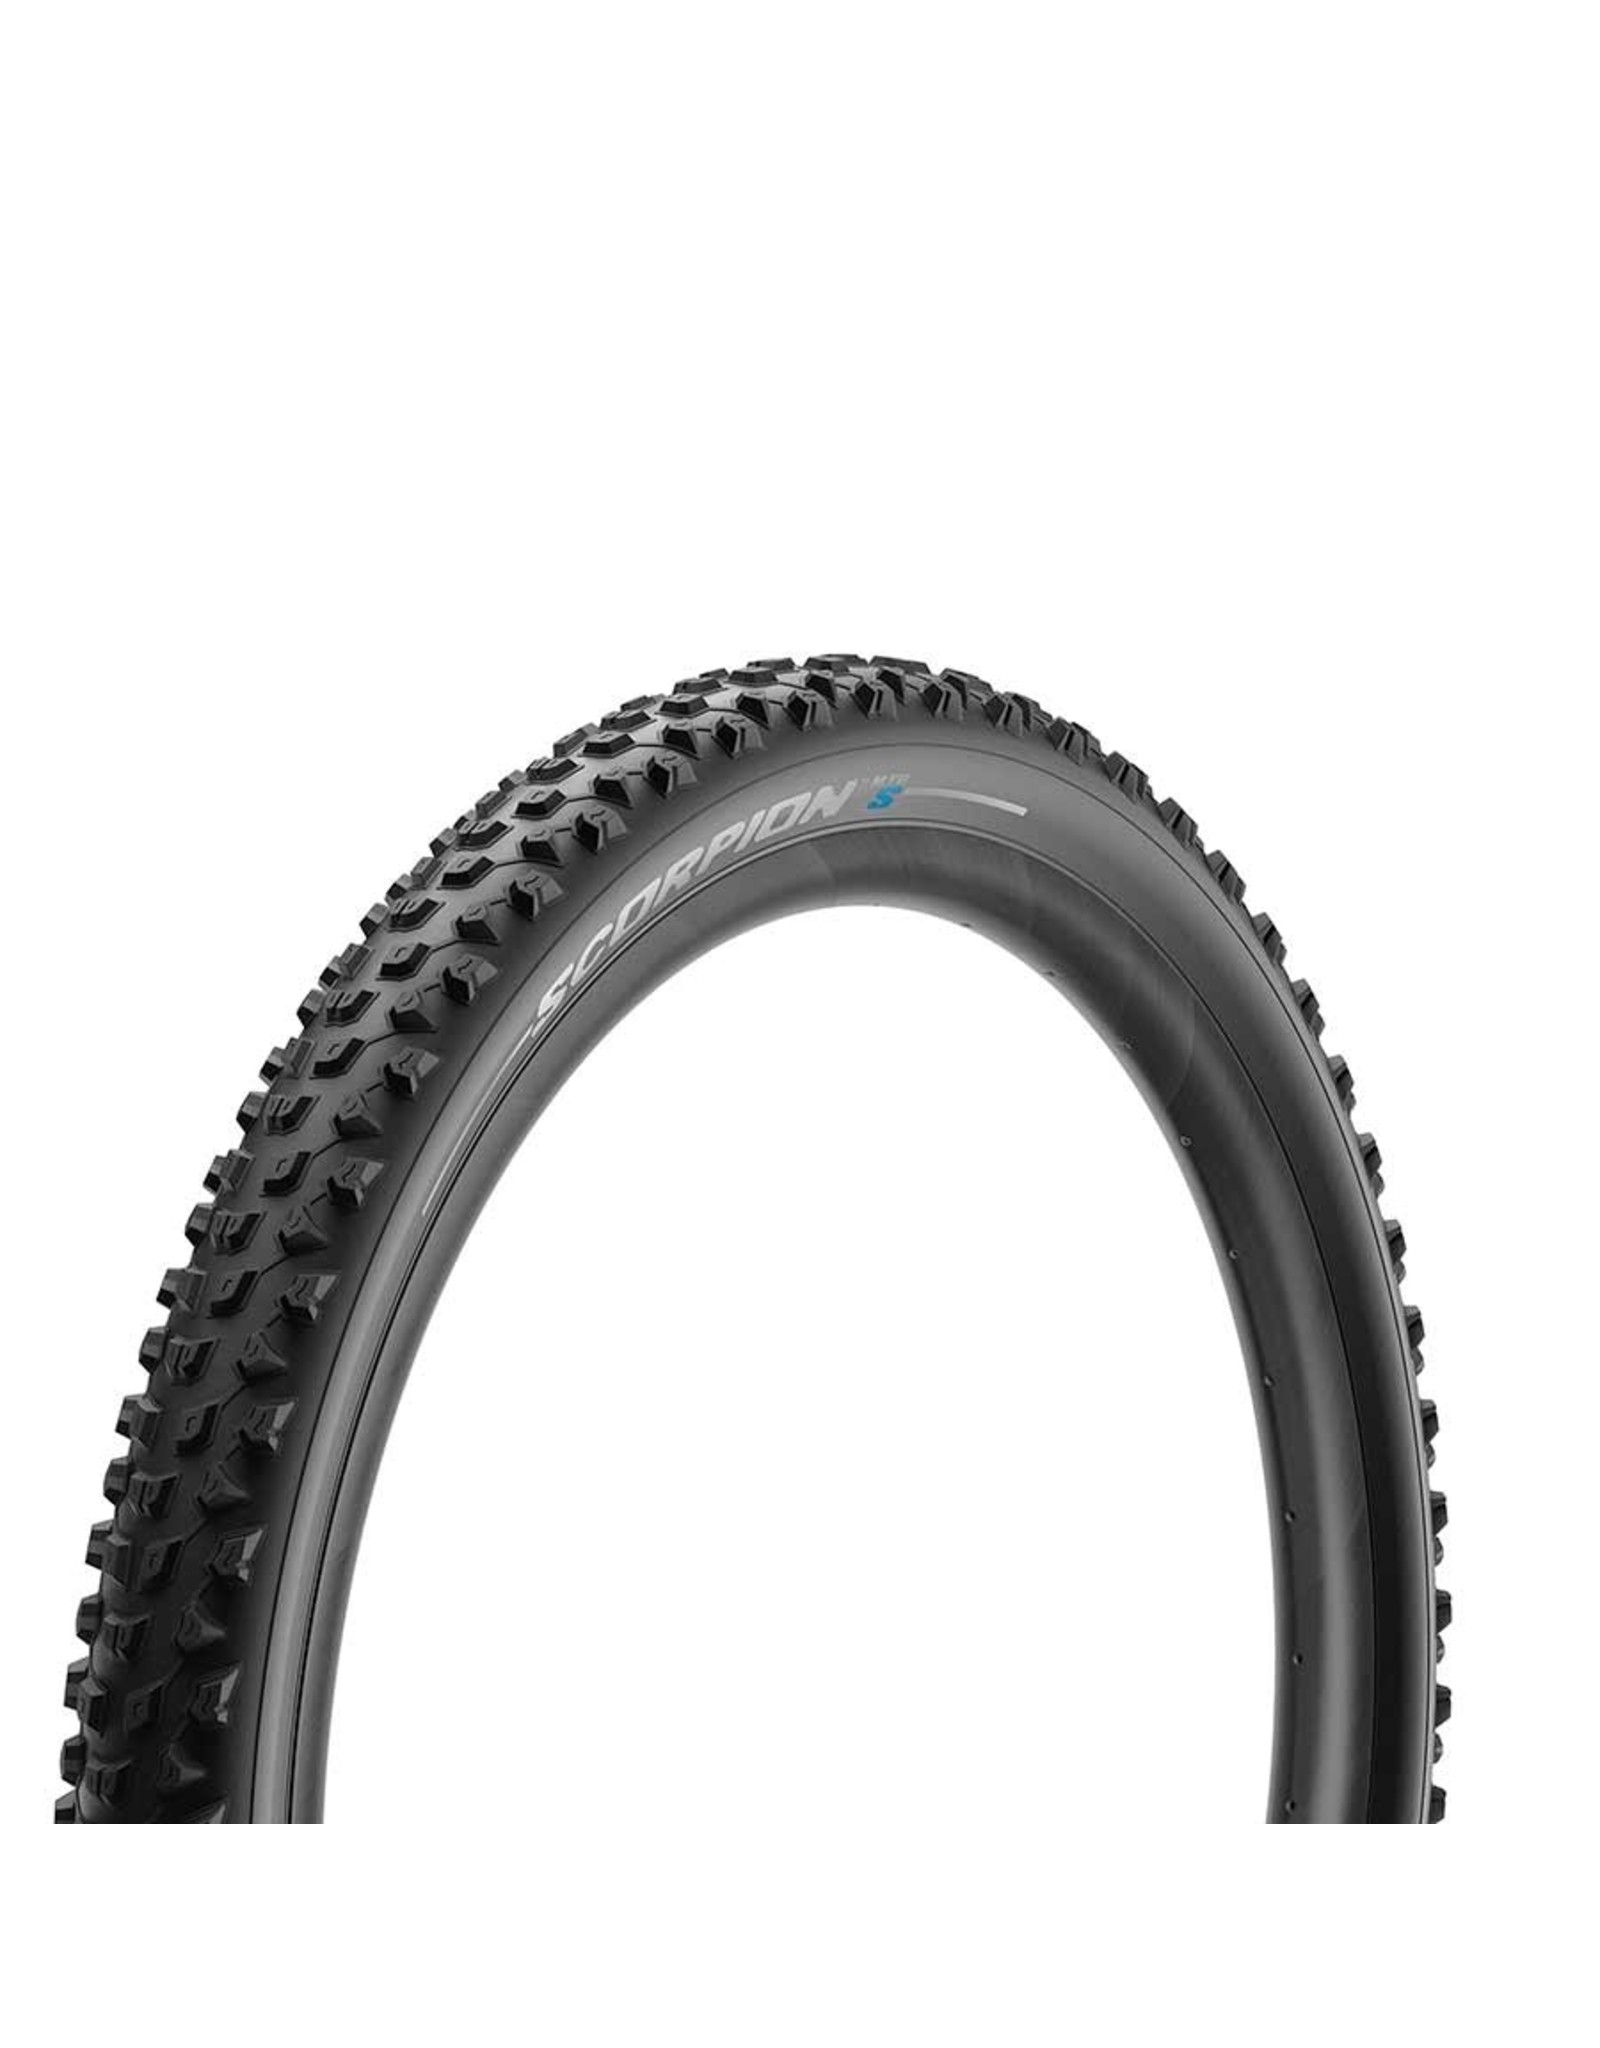 Pirelli, Scorpion MTB S, Tire, 29''x2.20, Folding, Tubeless Ready, Smartgrip, 120TPI, Black